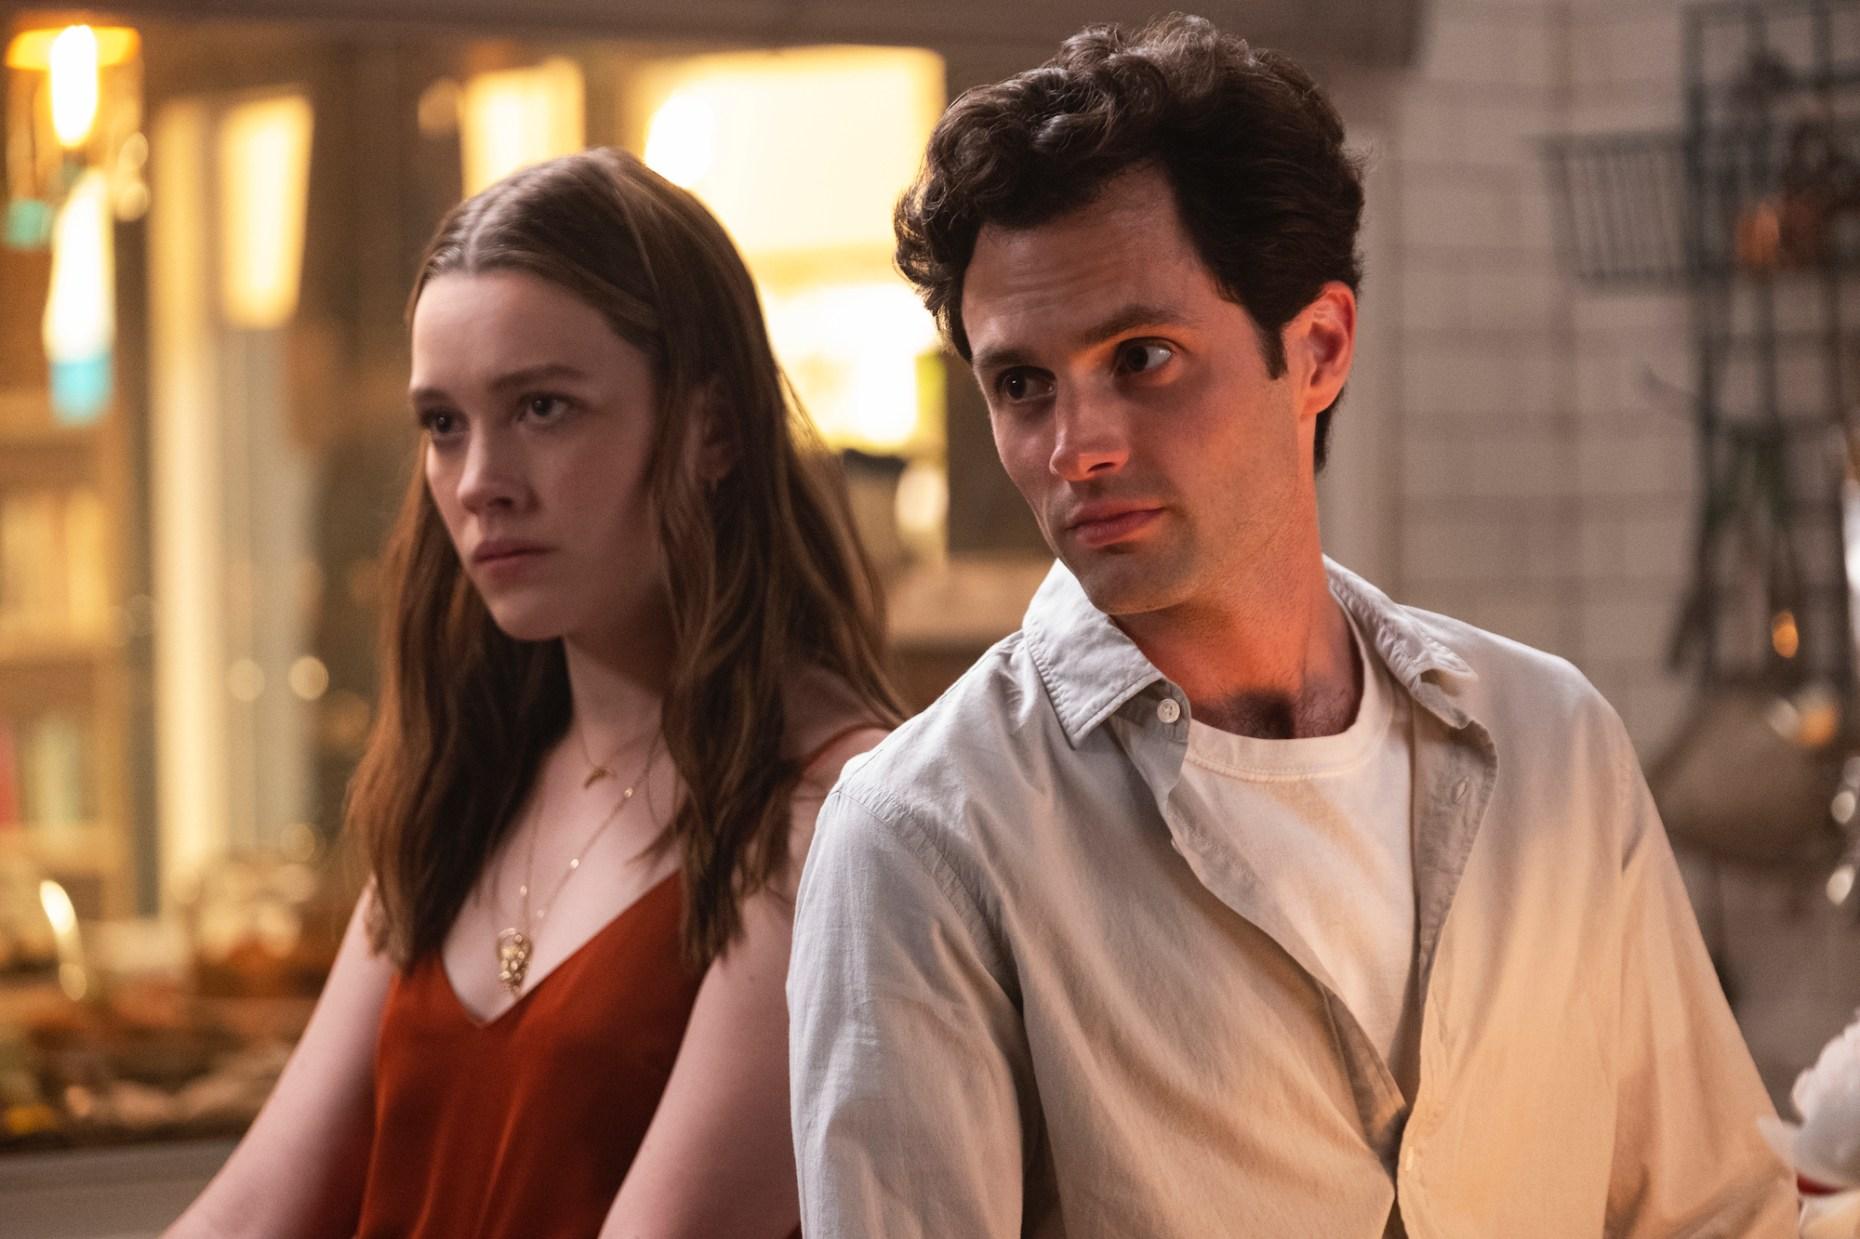 Victoria Pedretti as Love Quinn and Penn Badgley as Joe Goldberg / Will in Season 2 of YOU.  '